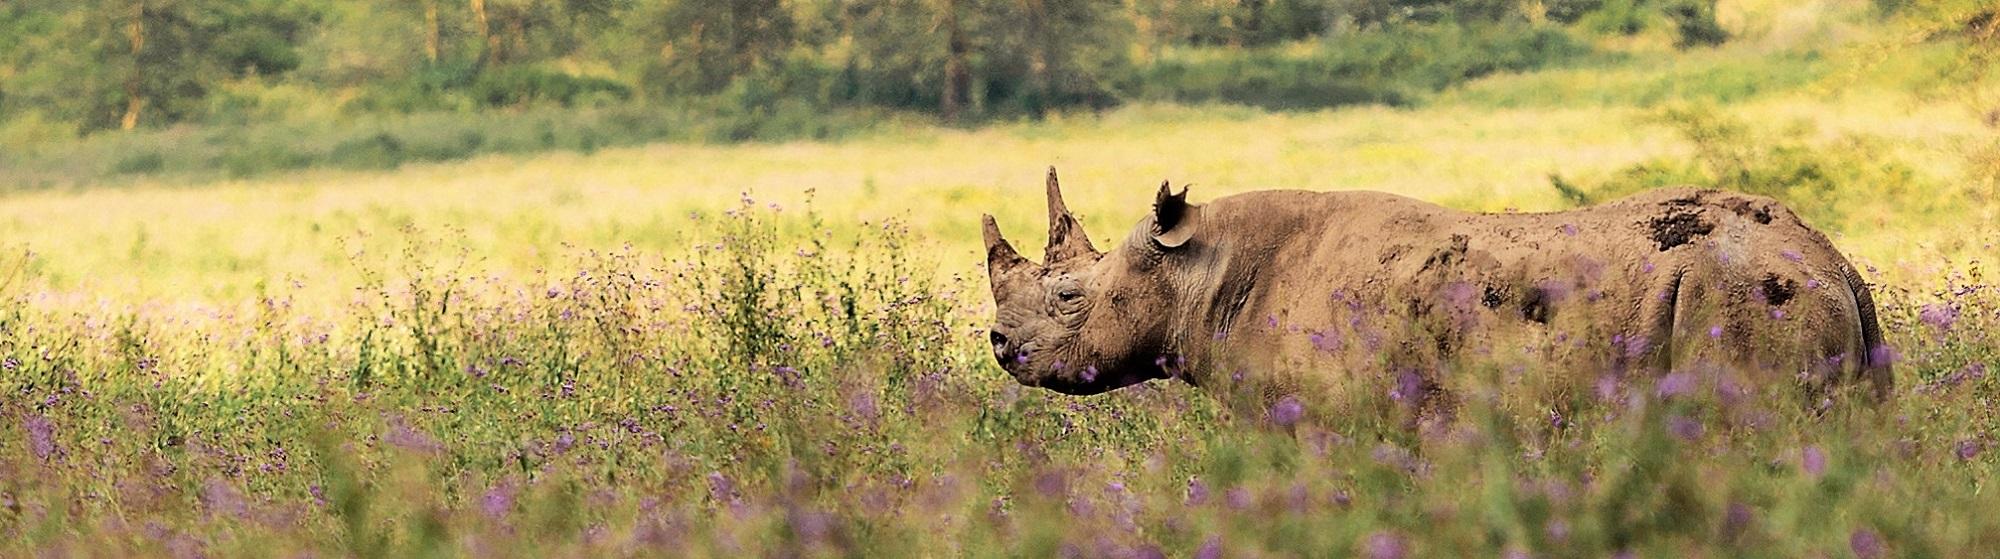 May Safari Bites